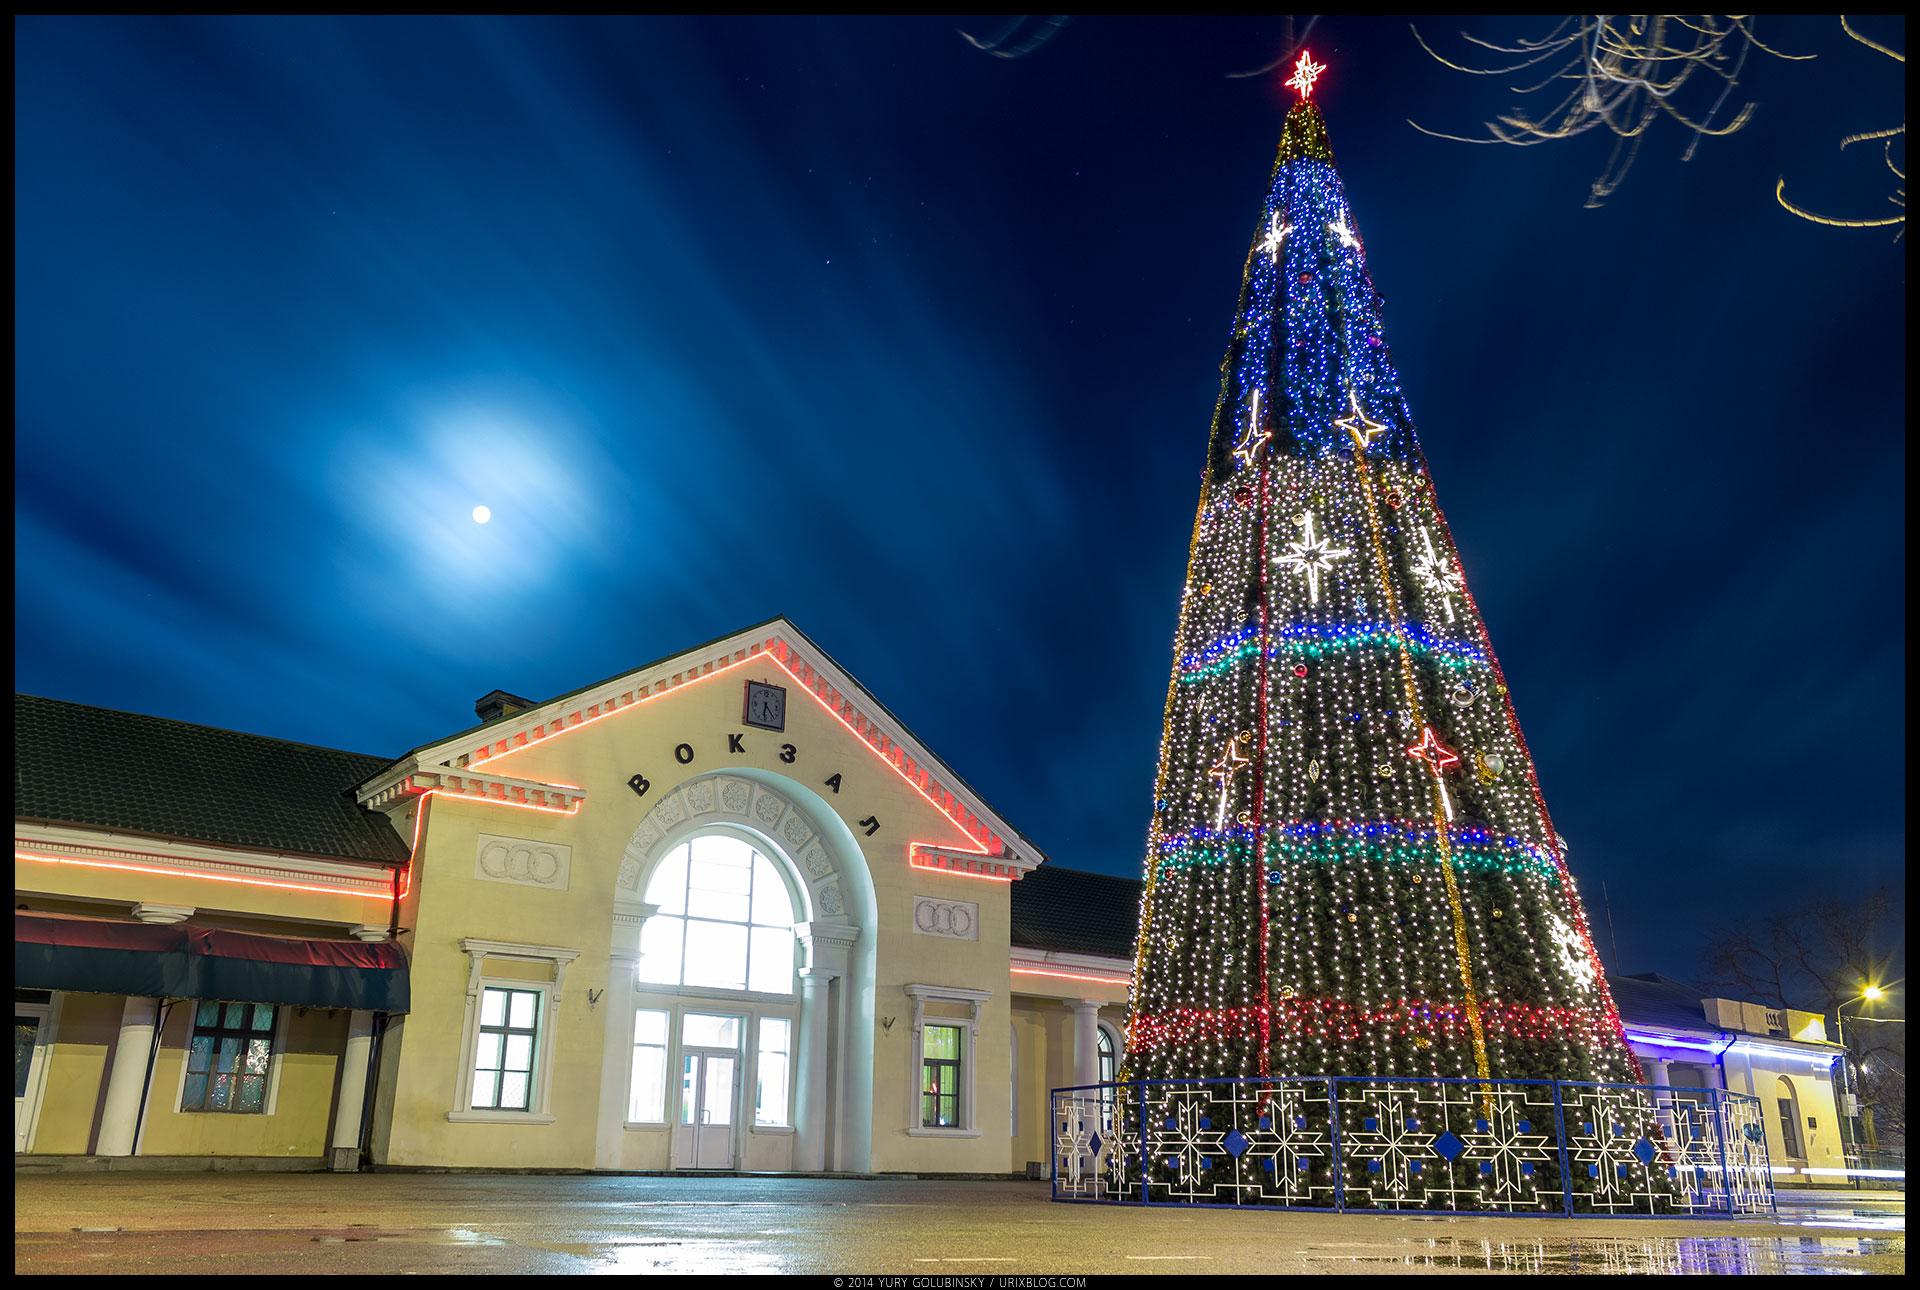 ночь, луна, площадь, железнодорожный вокзал, жд, елка, Новый год, Феодосия, длинная выдержка, архитектура, Крым, Россия, зима, январь, 2015